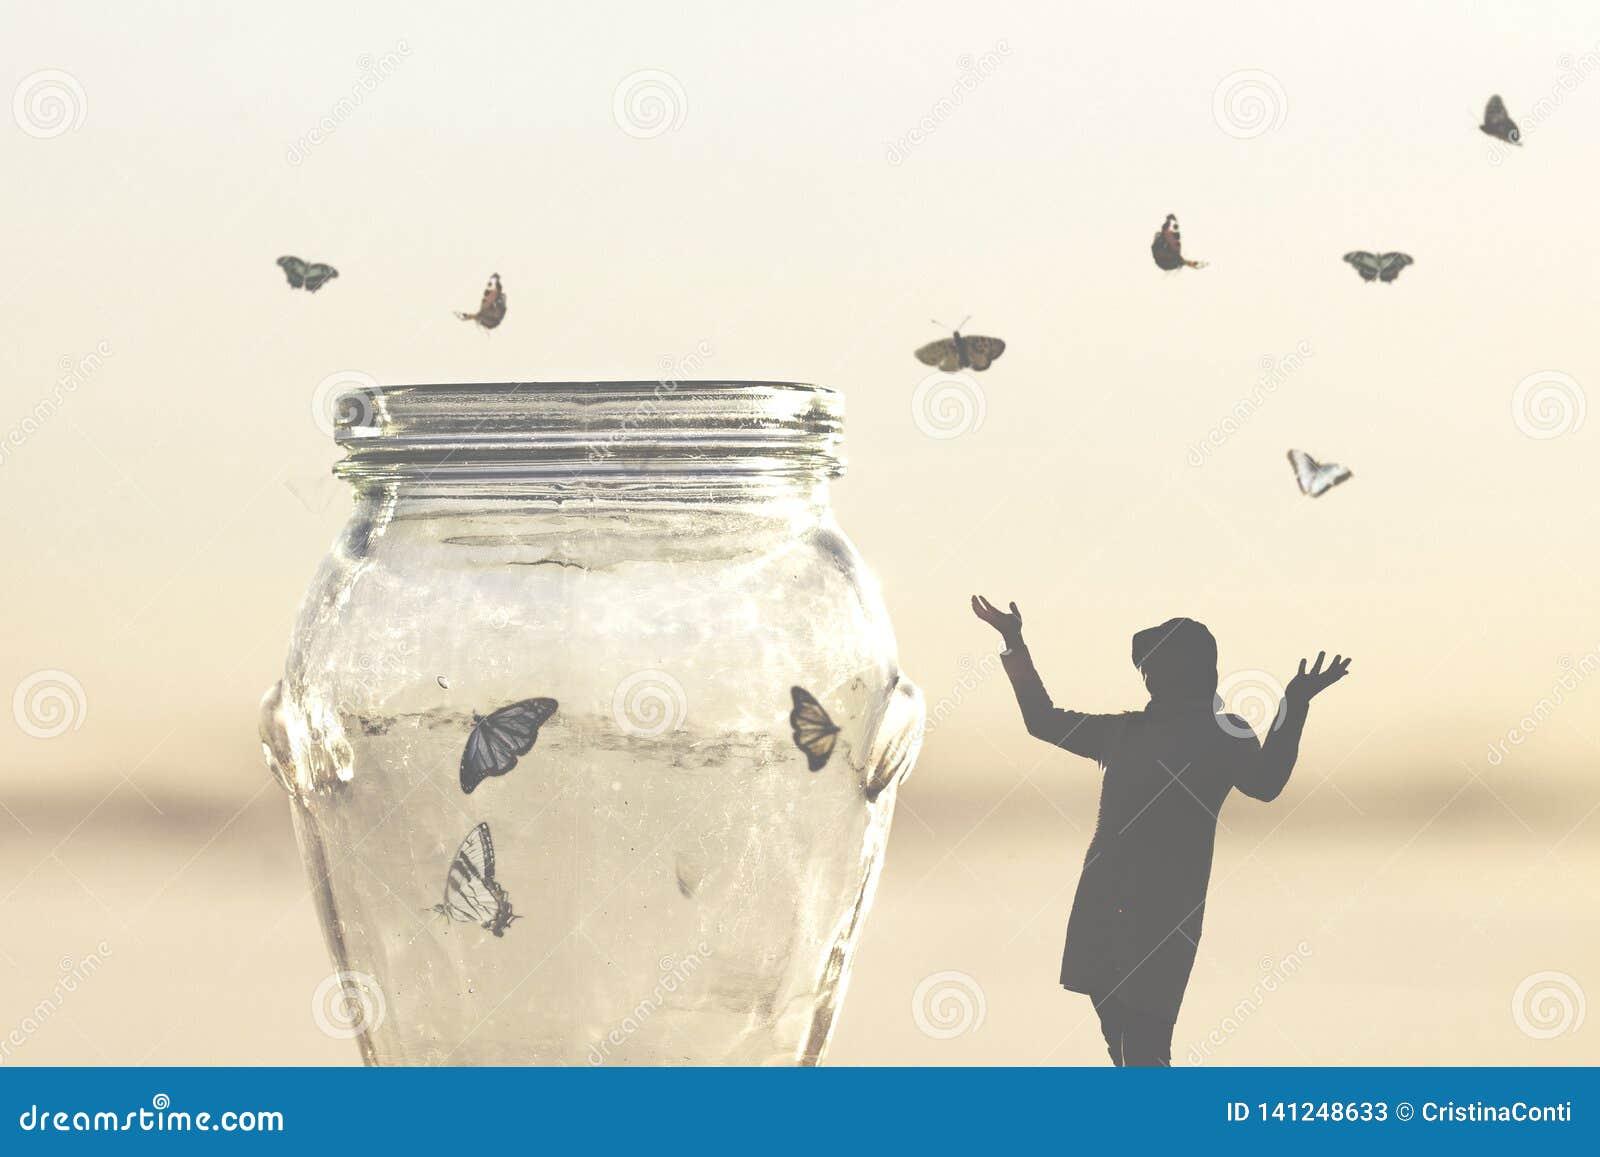 Frihetsbegrepp av en kvinna som räddar fjärilar som stängs i en vas